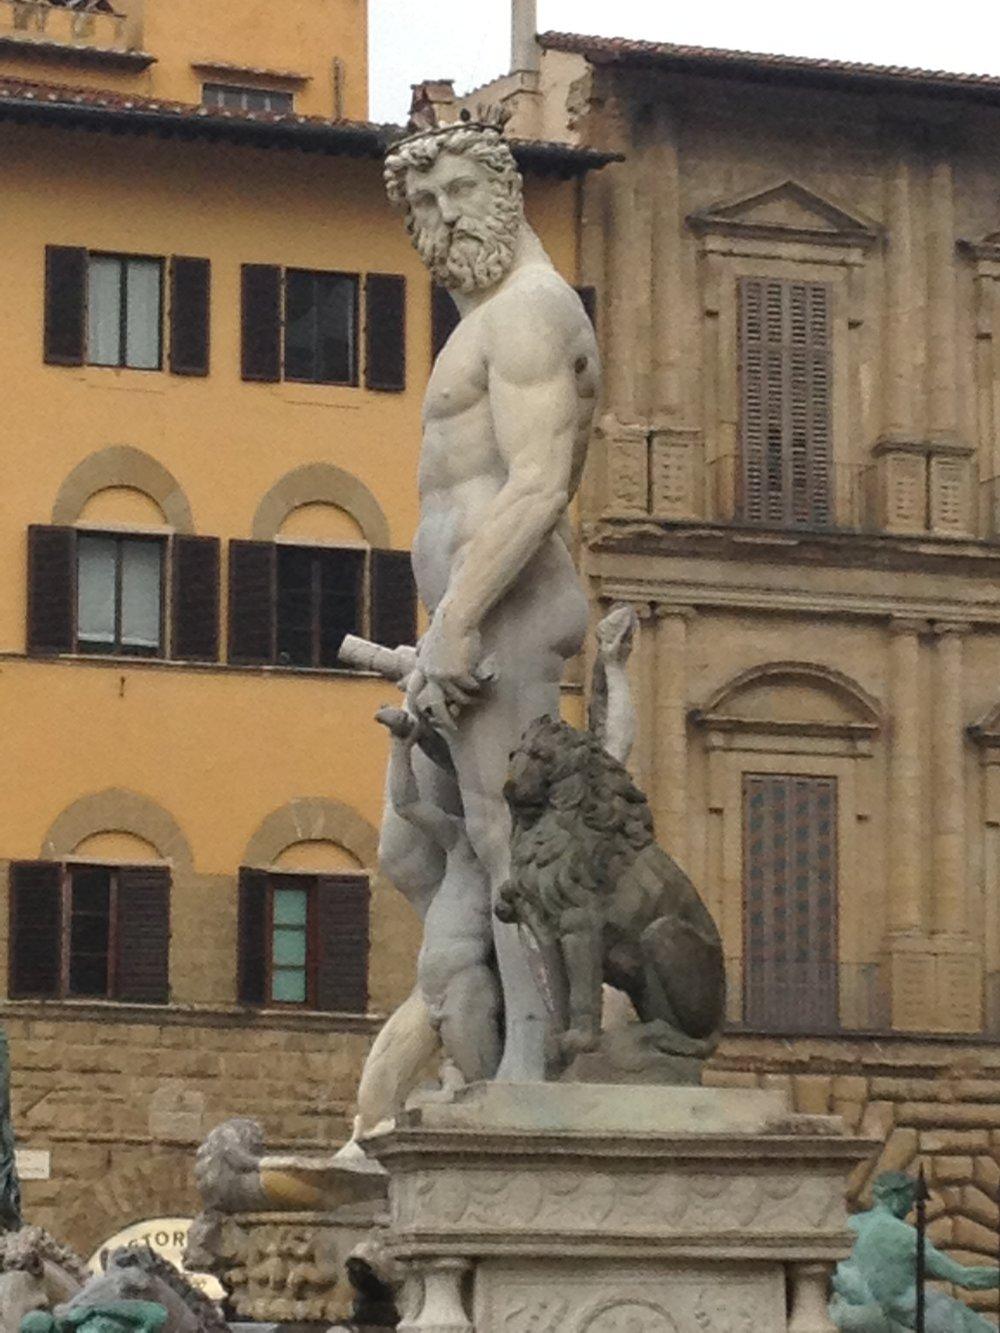 Pseudoithyphallic-iconography-statues-jessewaugh.com-3